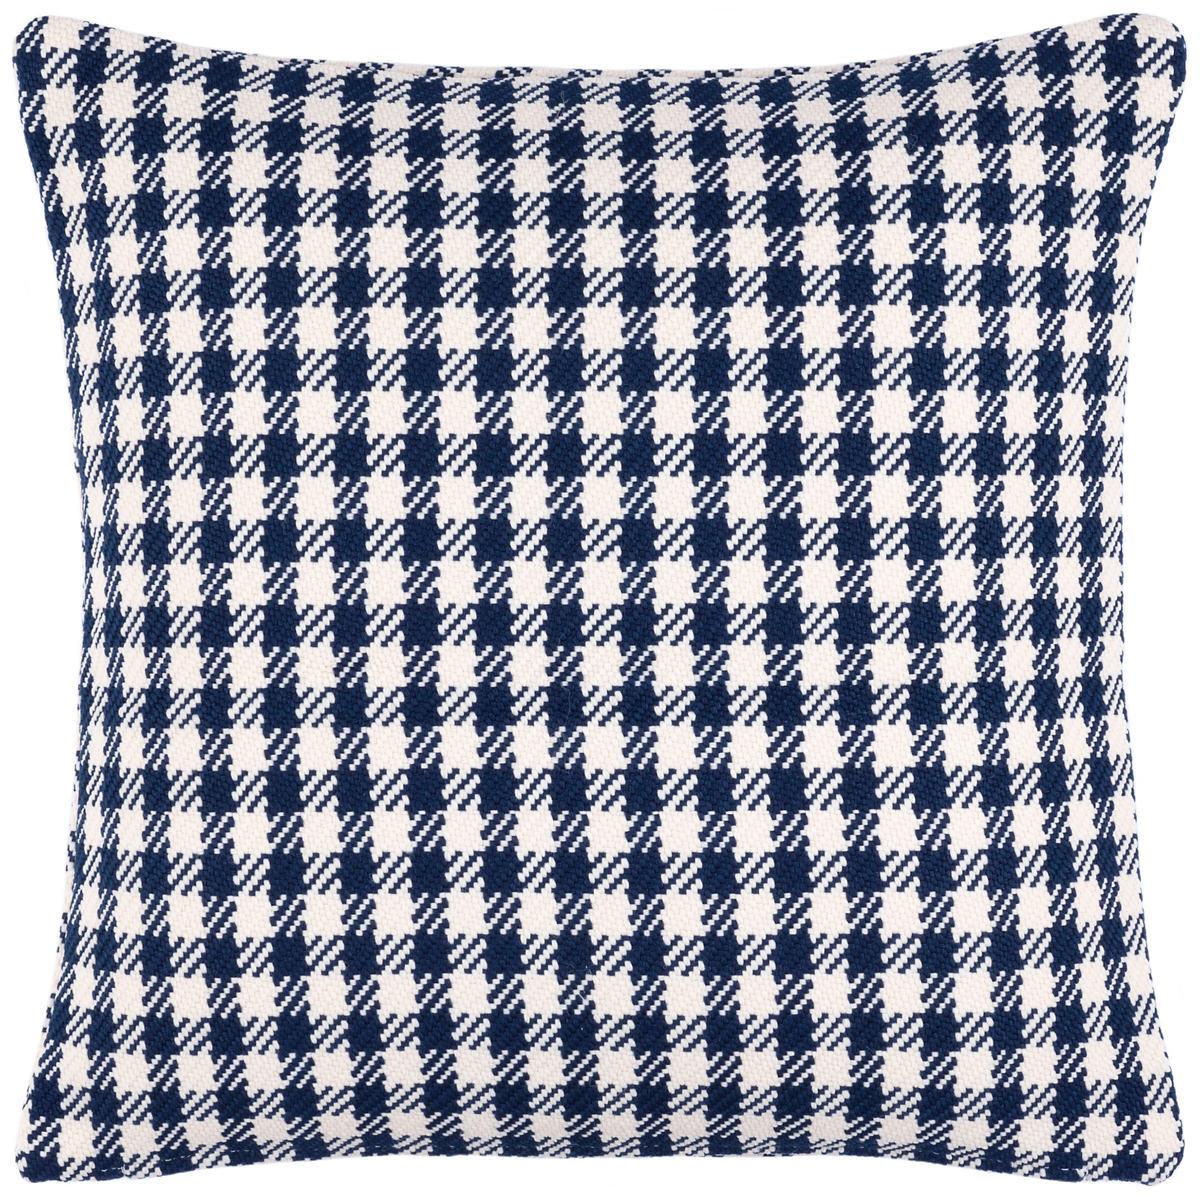 Houndstooth Navy Indoor/Outdoor Decorative Pillow